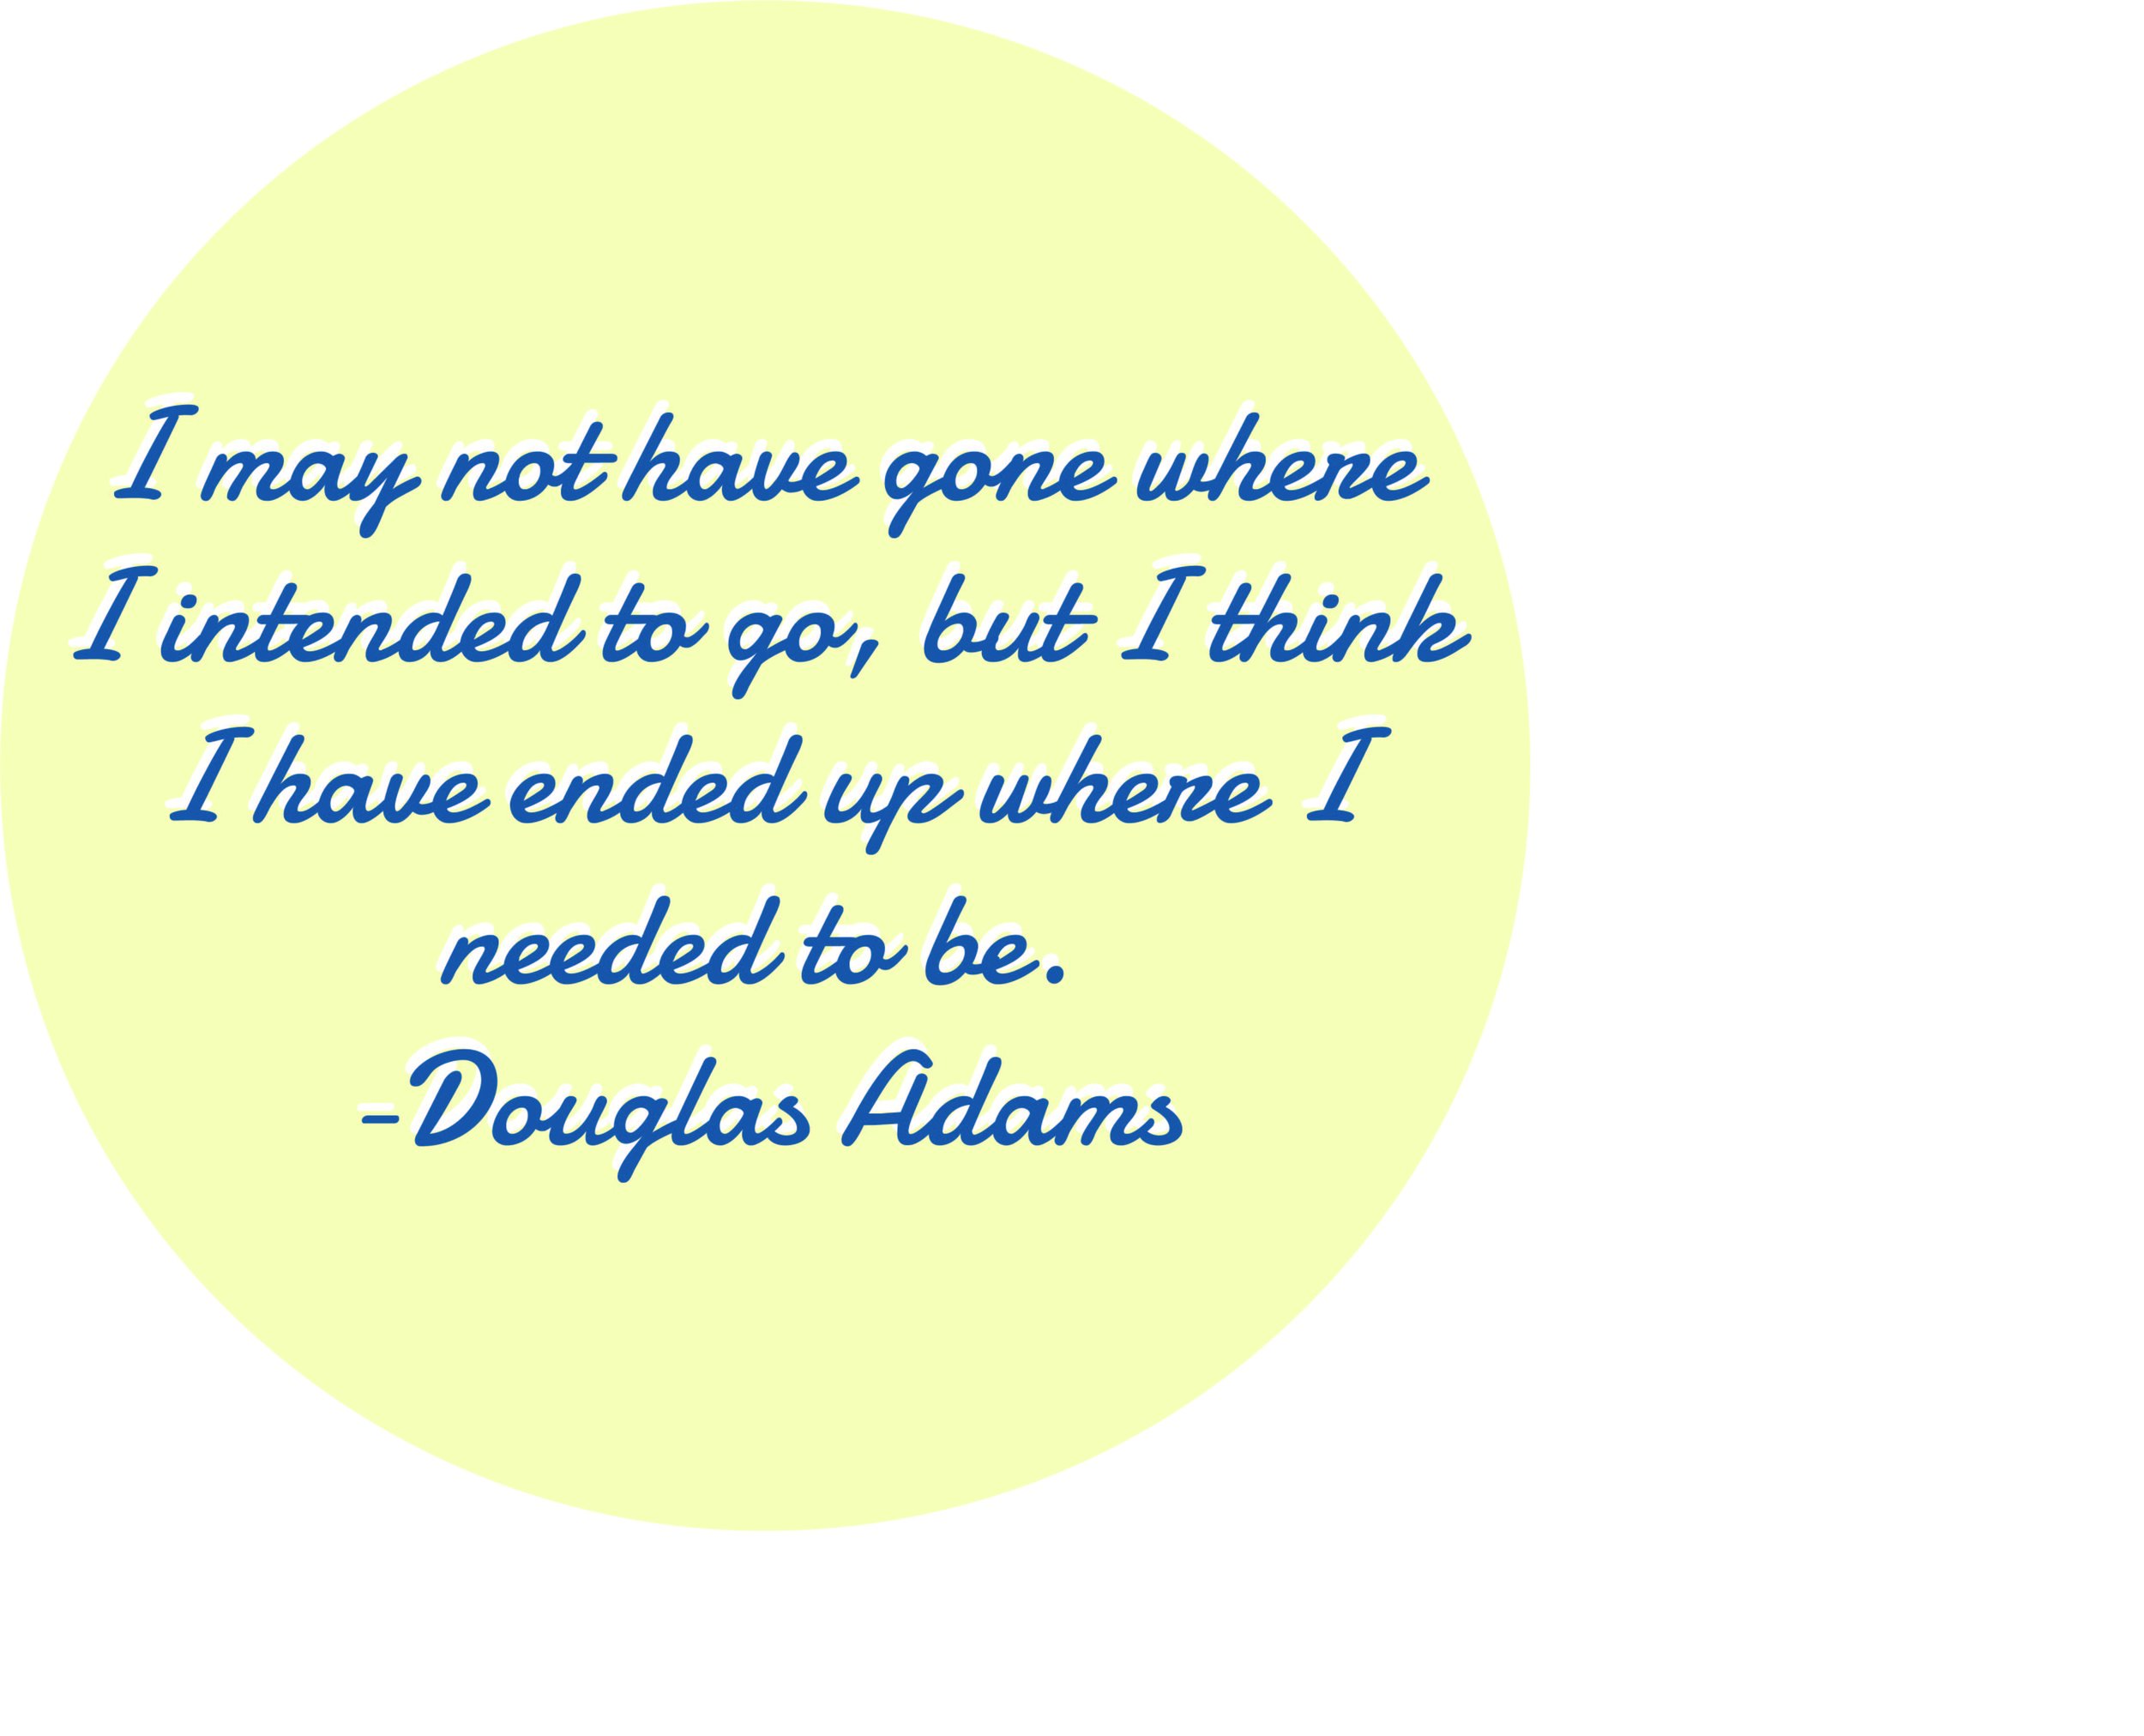 Dougals Adams quote 1.jpg